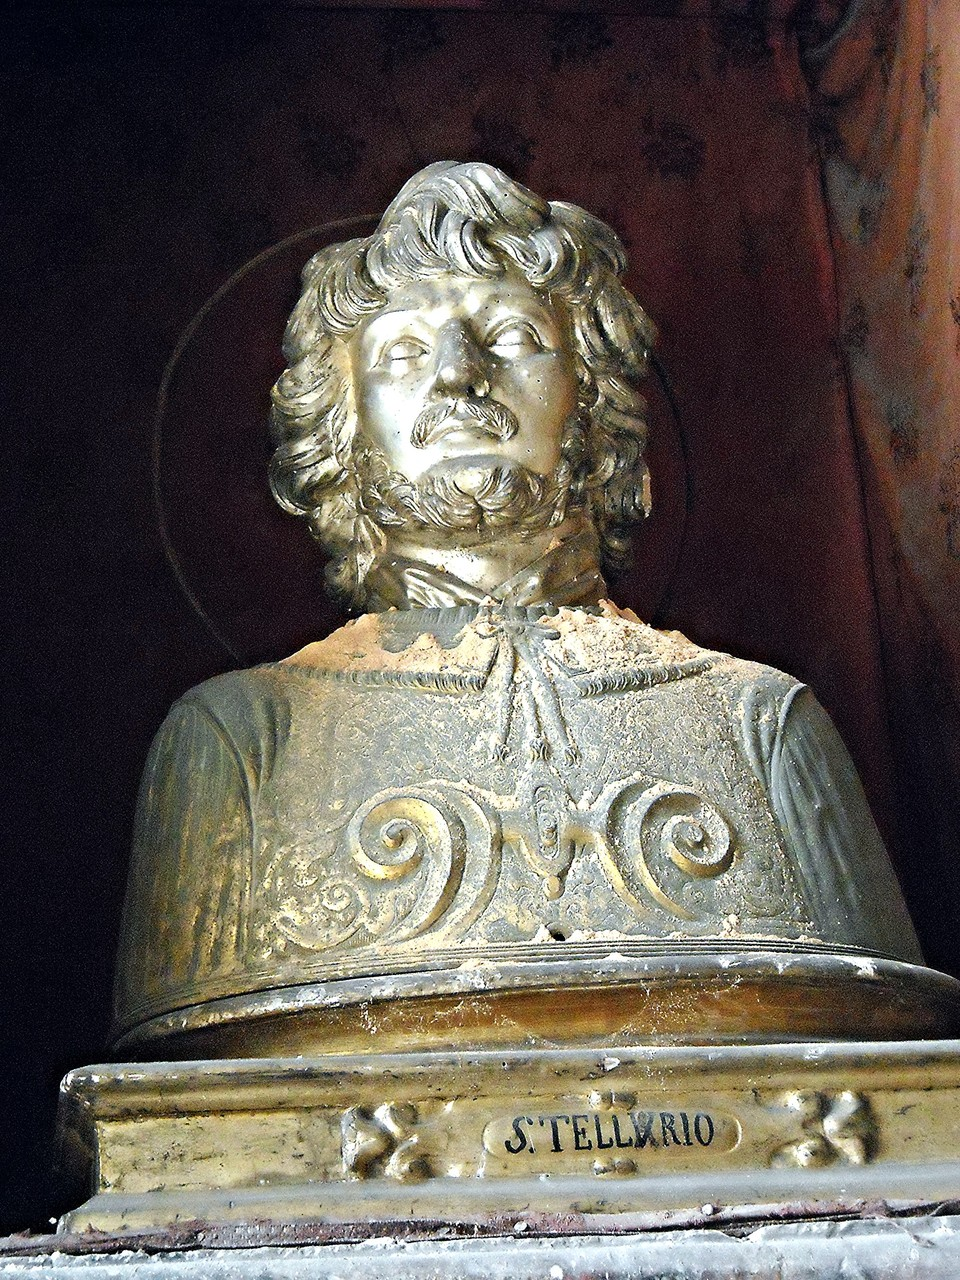 Busto-reliquiario di S. Tellurio martire